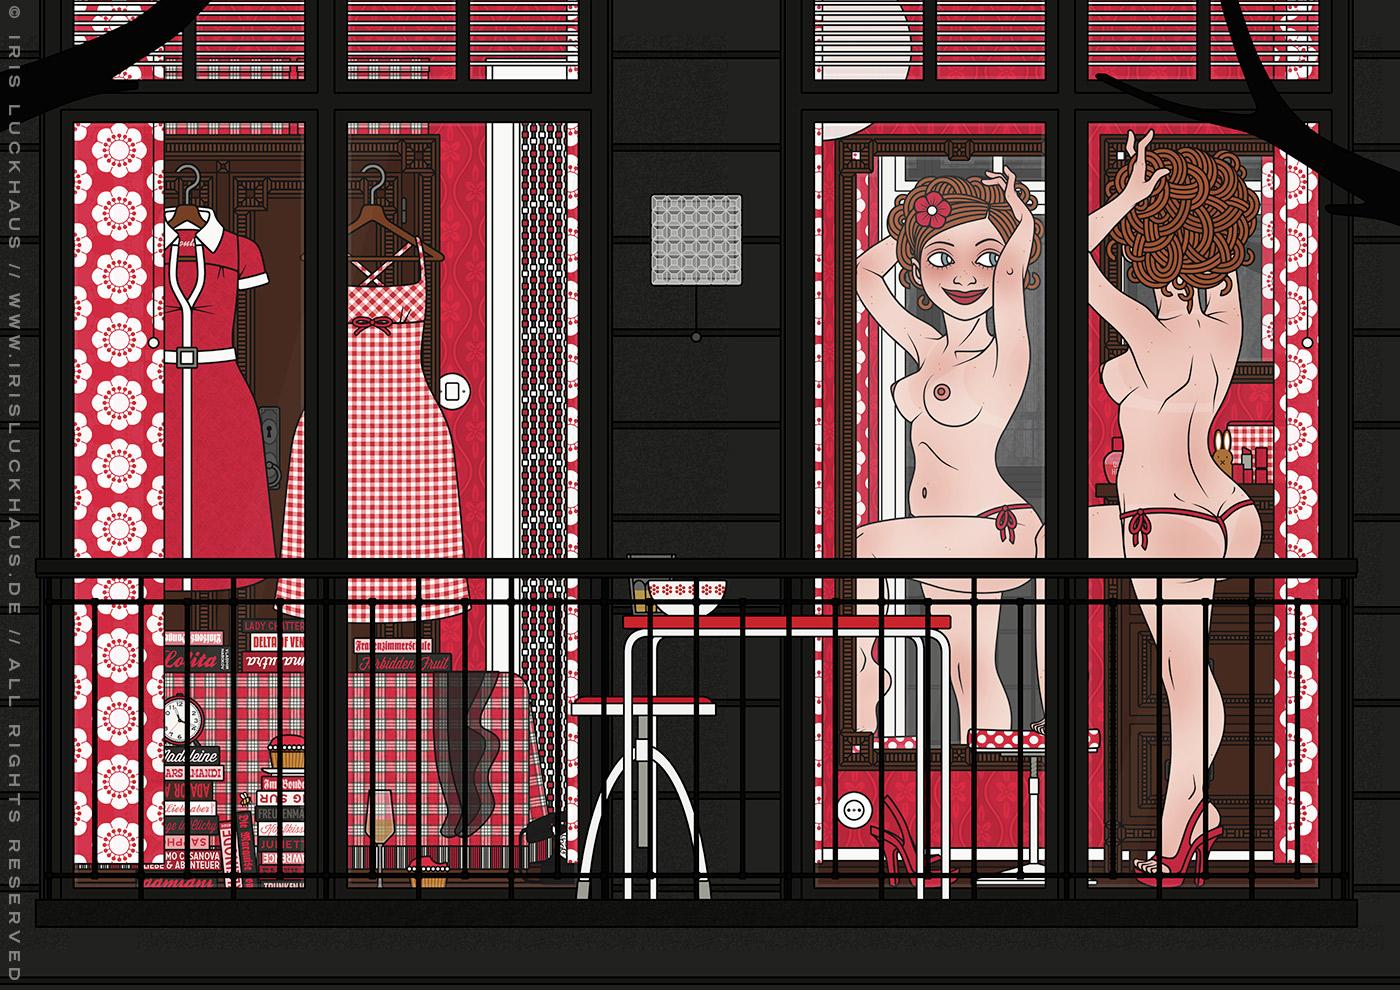 Teil der Zeichnung eines Pinups, das aufreizend am Fenster für den Nachbarn posiert, für die Comic Anthologie Bettgeschichten